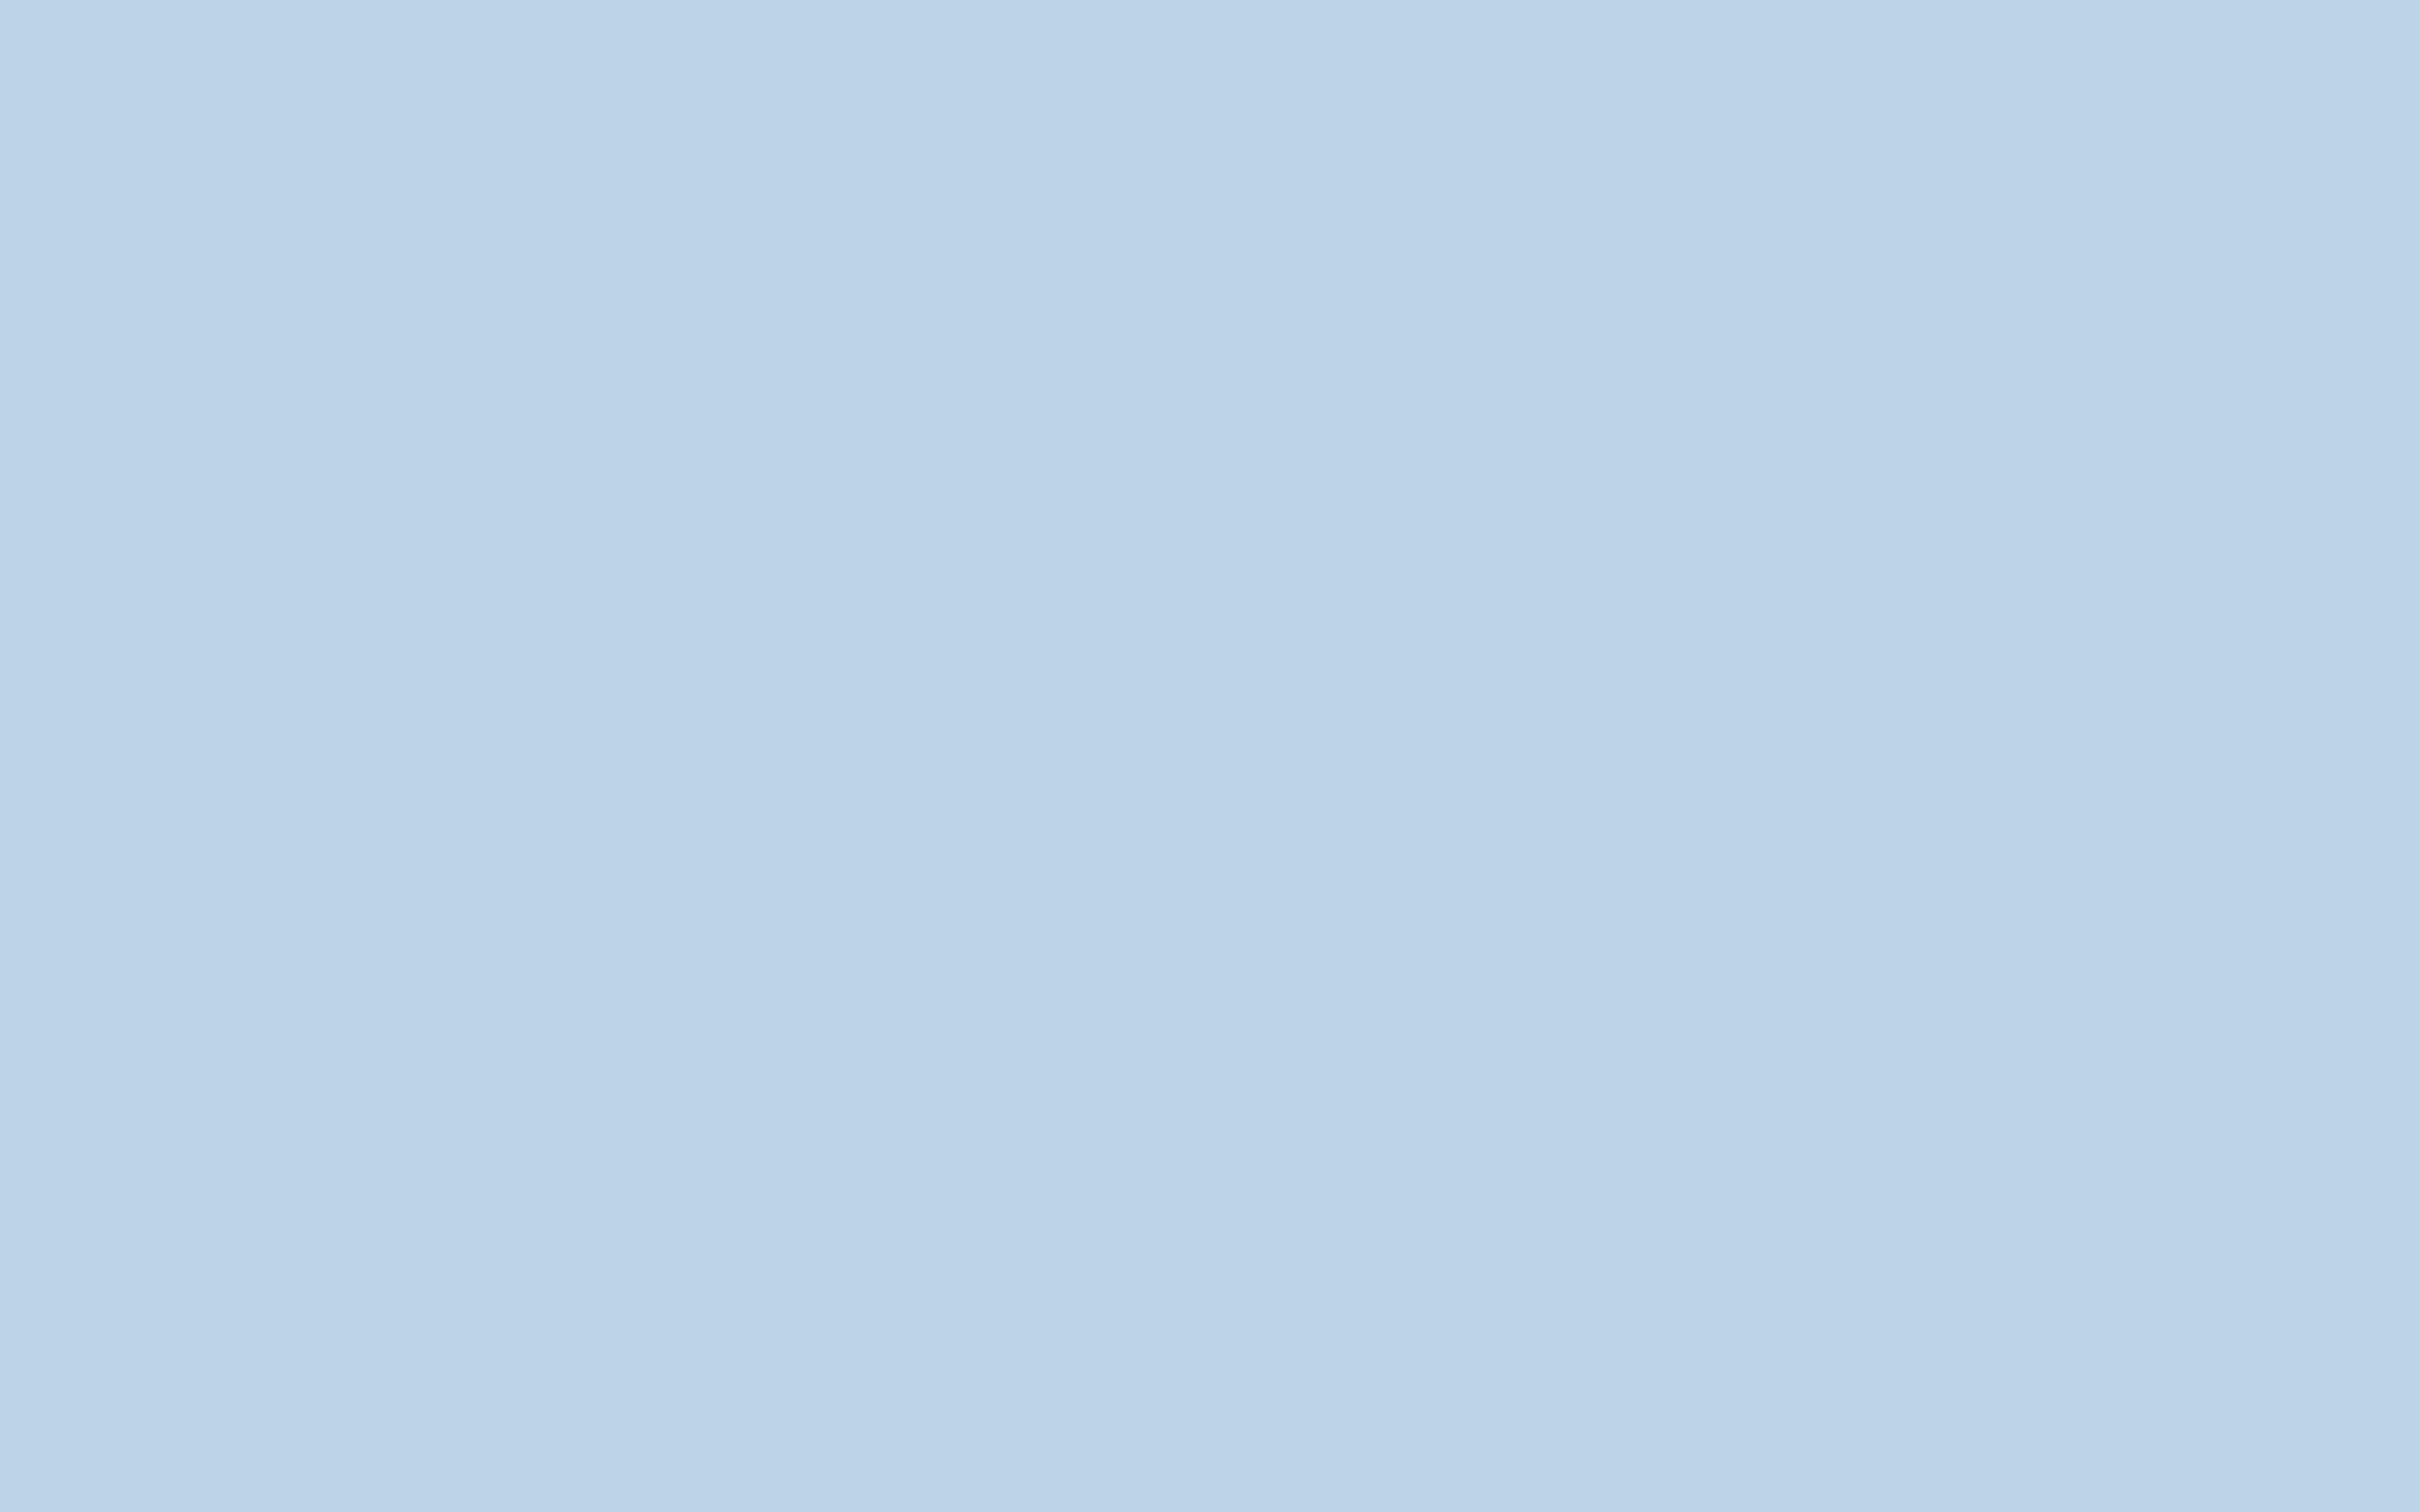 2560x1600 Pale Aqua Solid Color Background